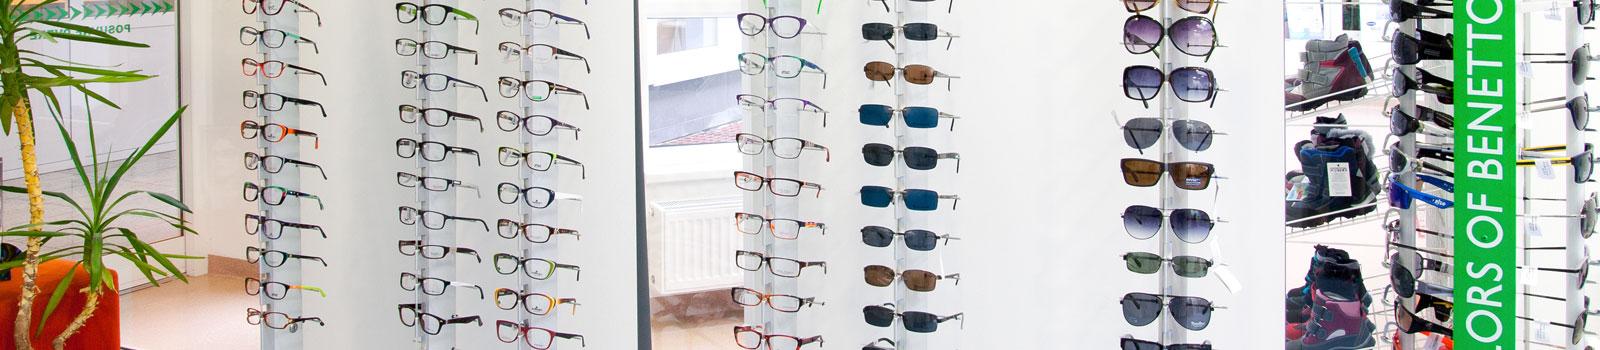 Očná optika Zekol Žilina